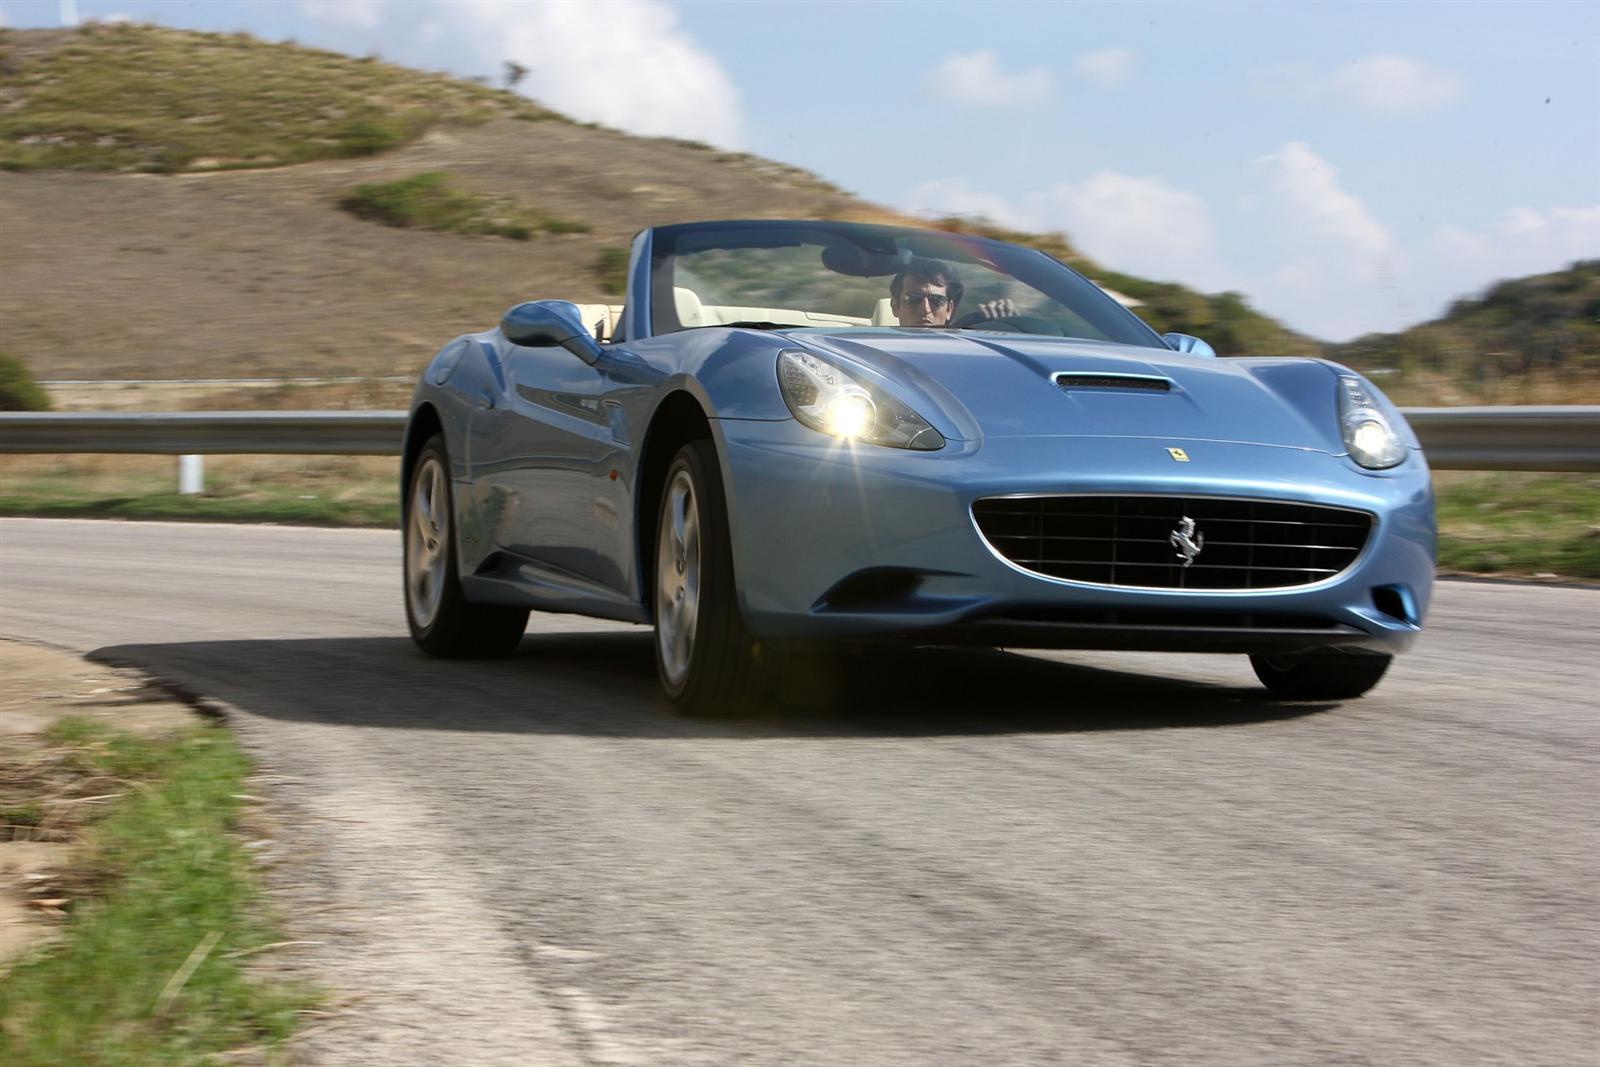 2010 Ferrari California Image. Photo 33 of 42